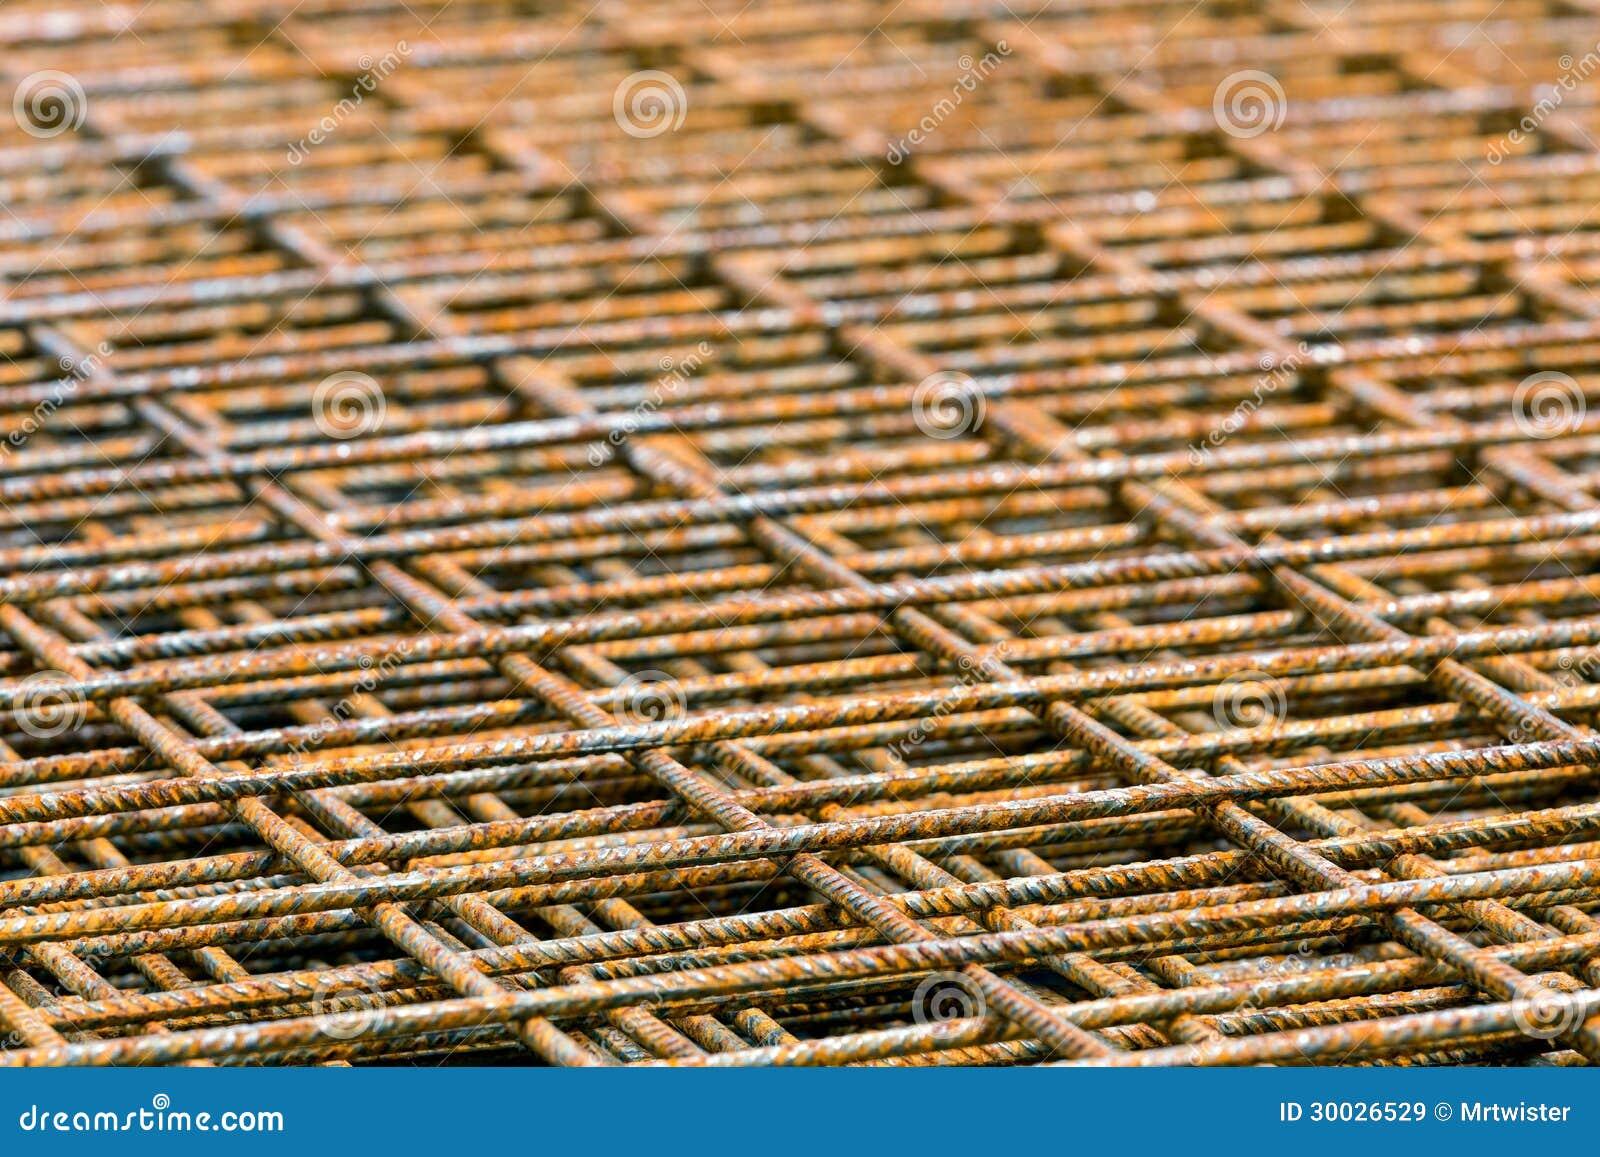 Griglie impilate del tondo per cemento armato immagine for Disegni della barra del garage